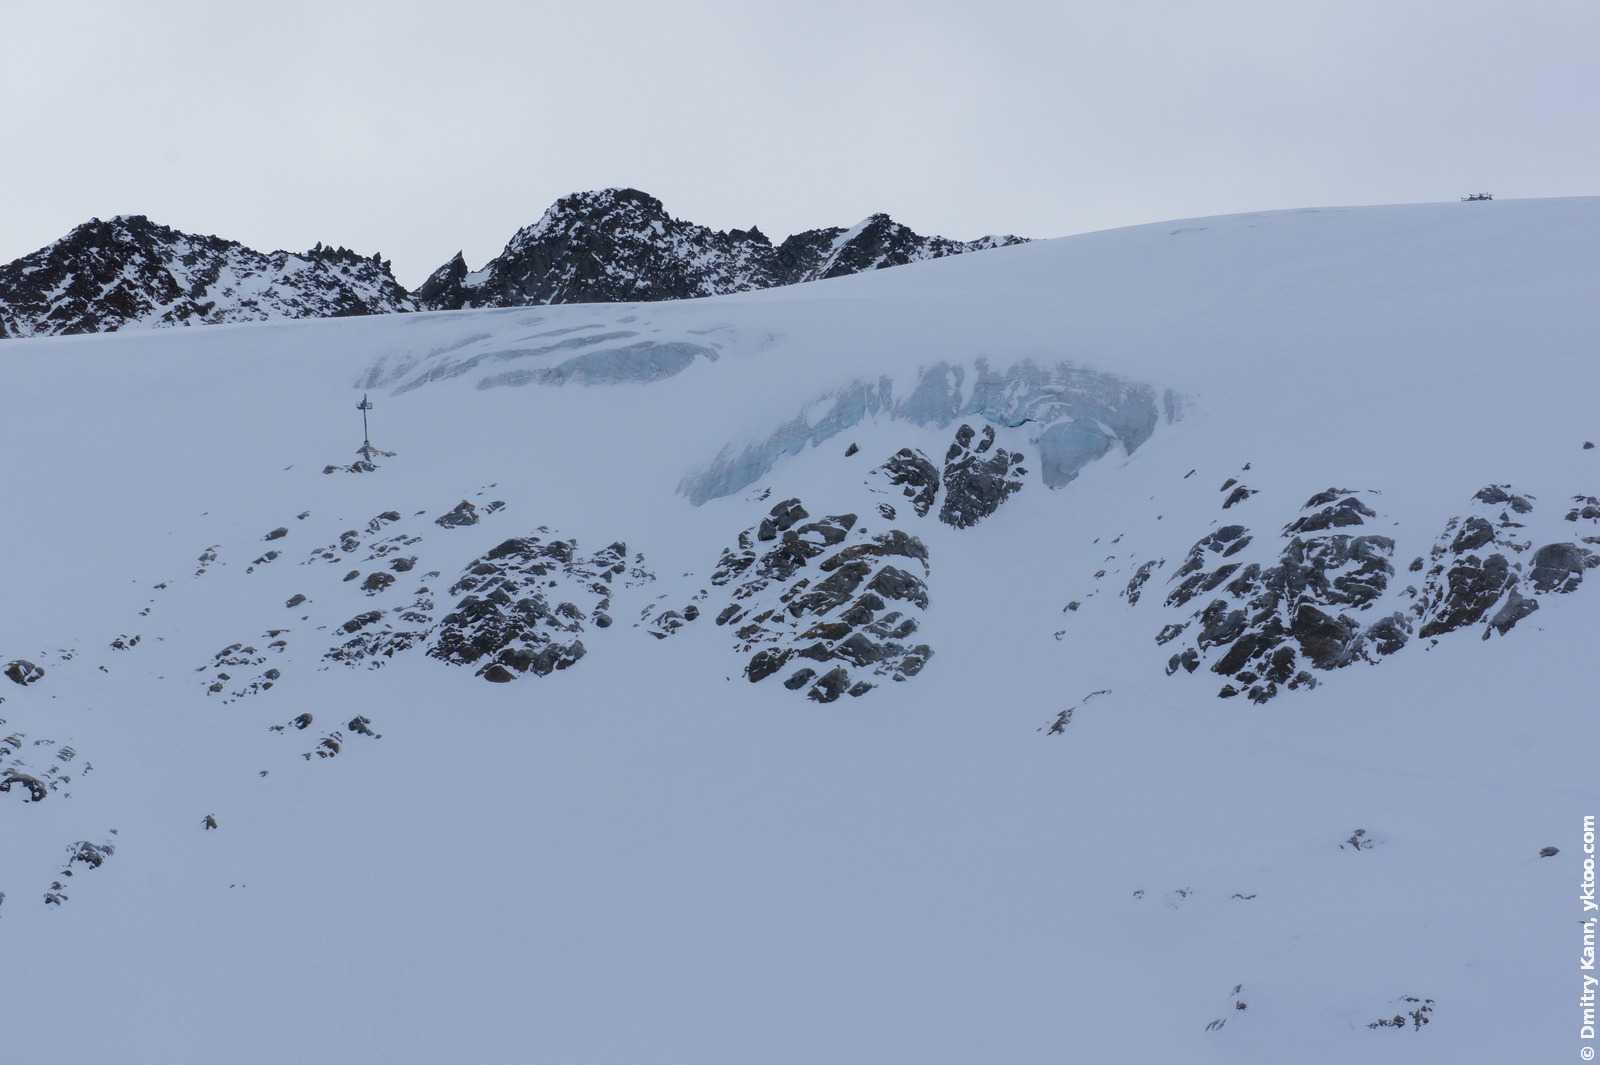 Лёд на Тиффенбахском леднике.